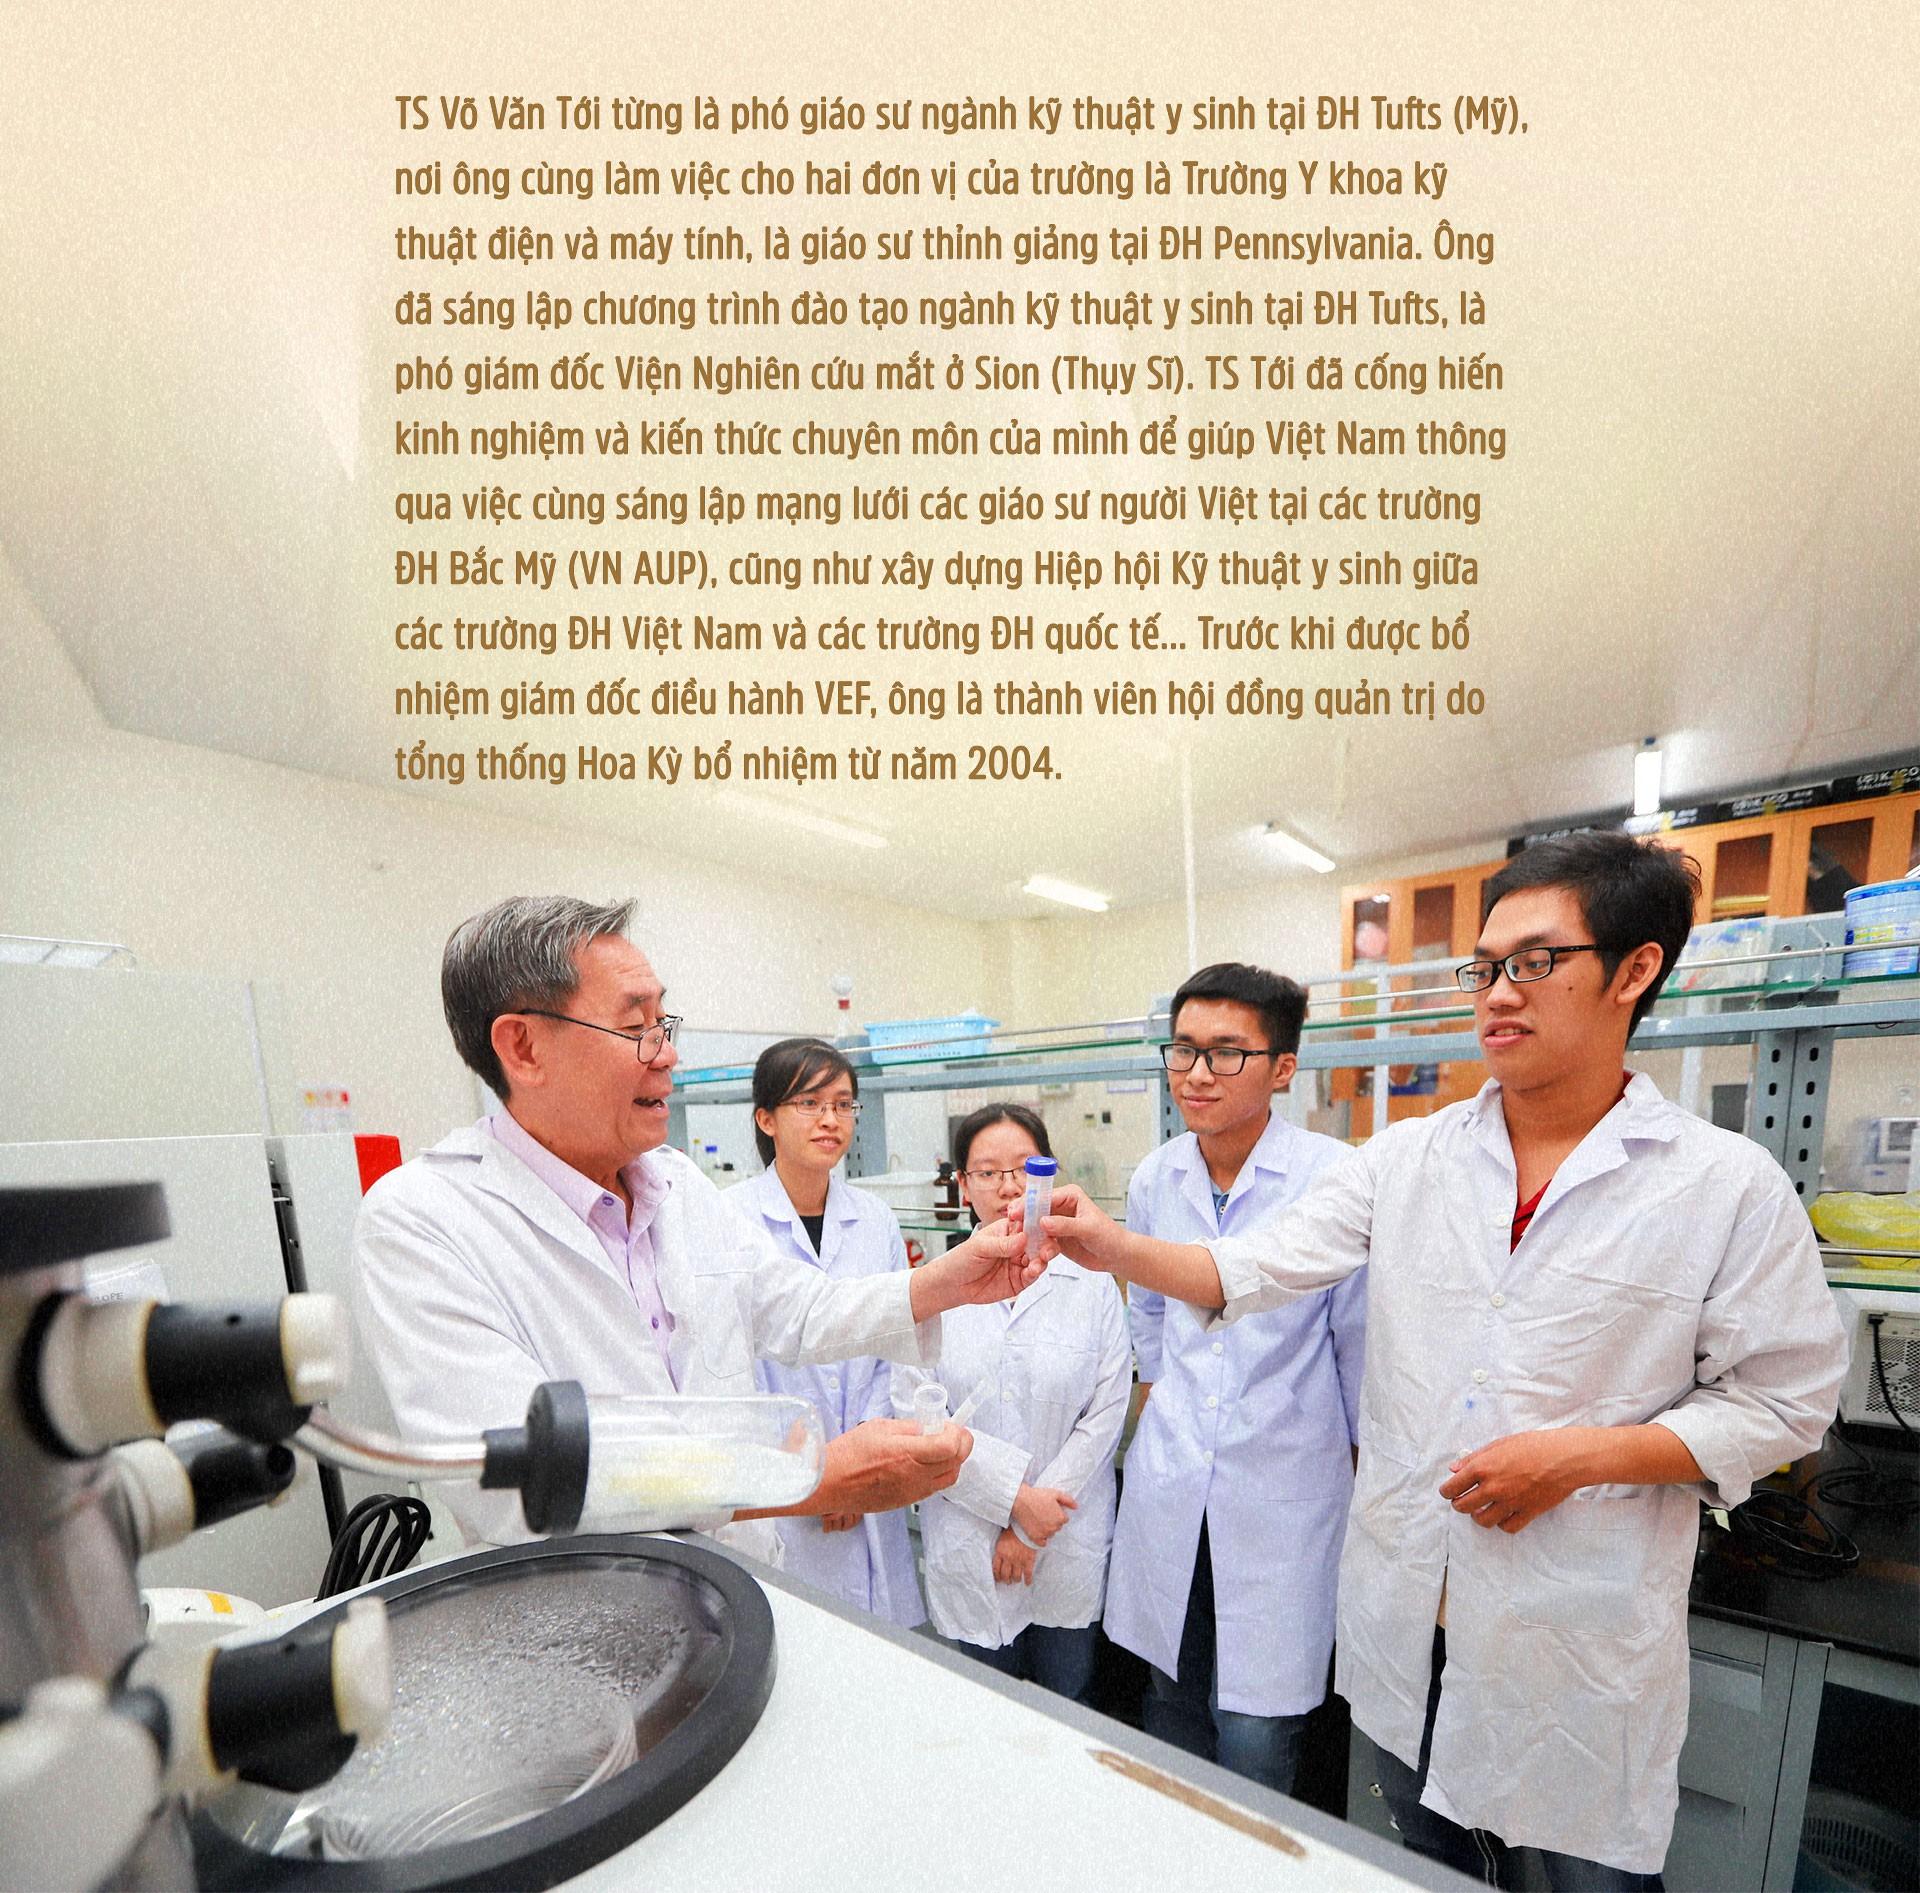 GS Võ Văn Tới: Về nước vì sinh viên Việt Nam thất bại - Ảnh 11.